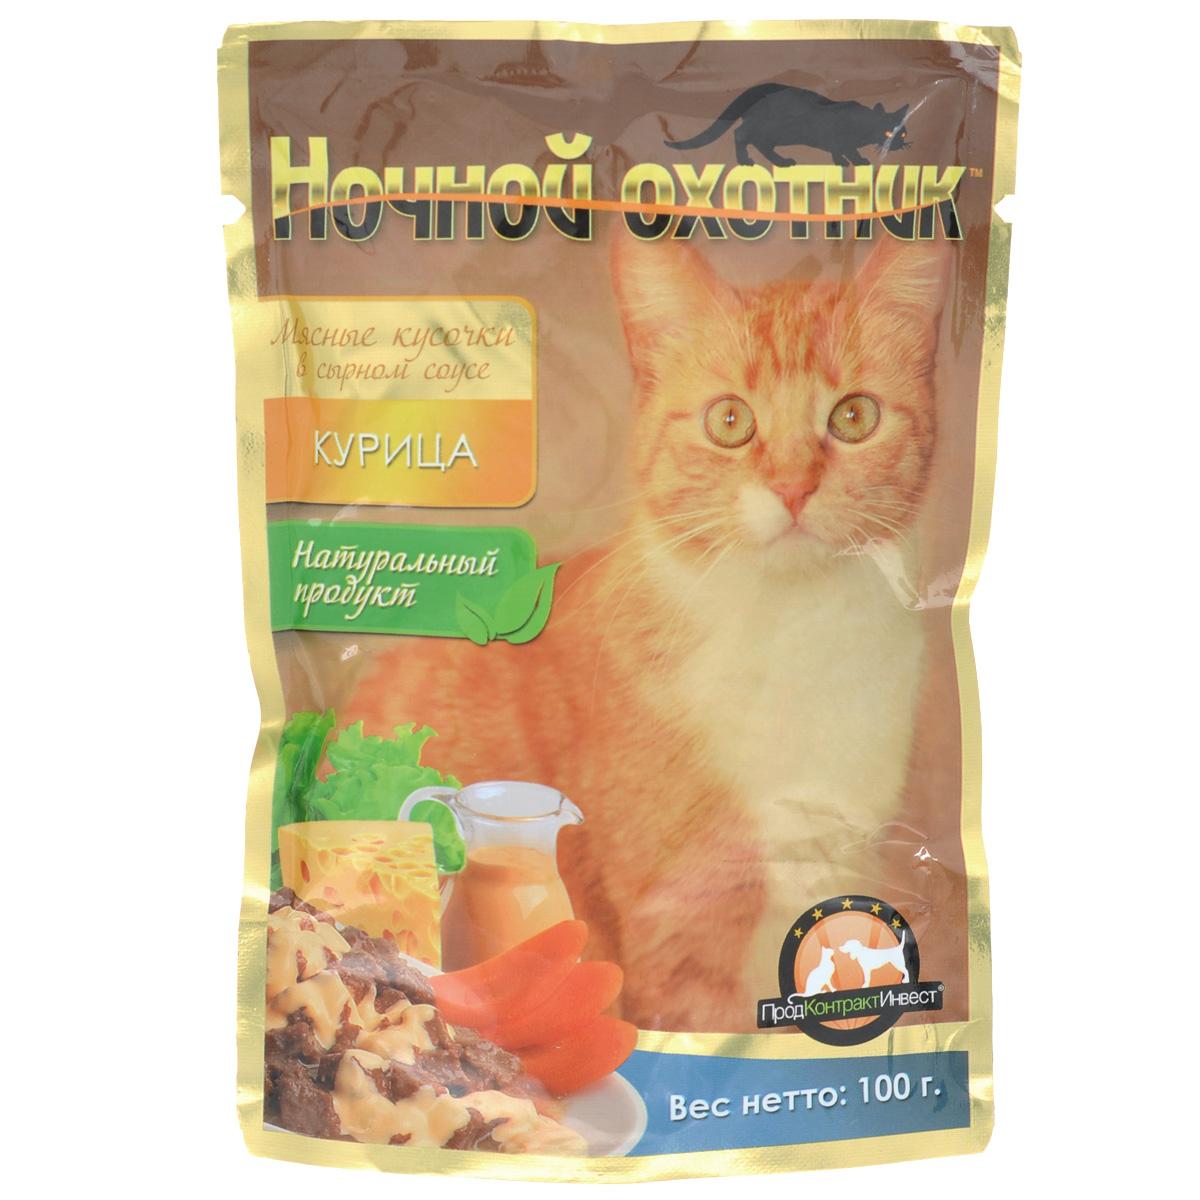 Влажный корм для кошек Ночной охотник,